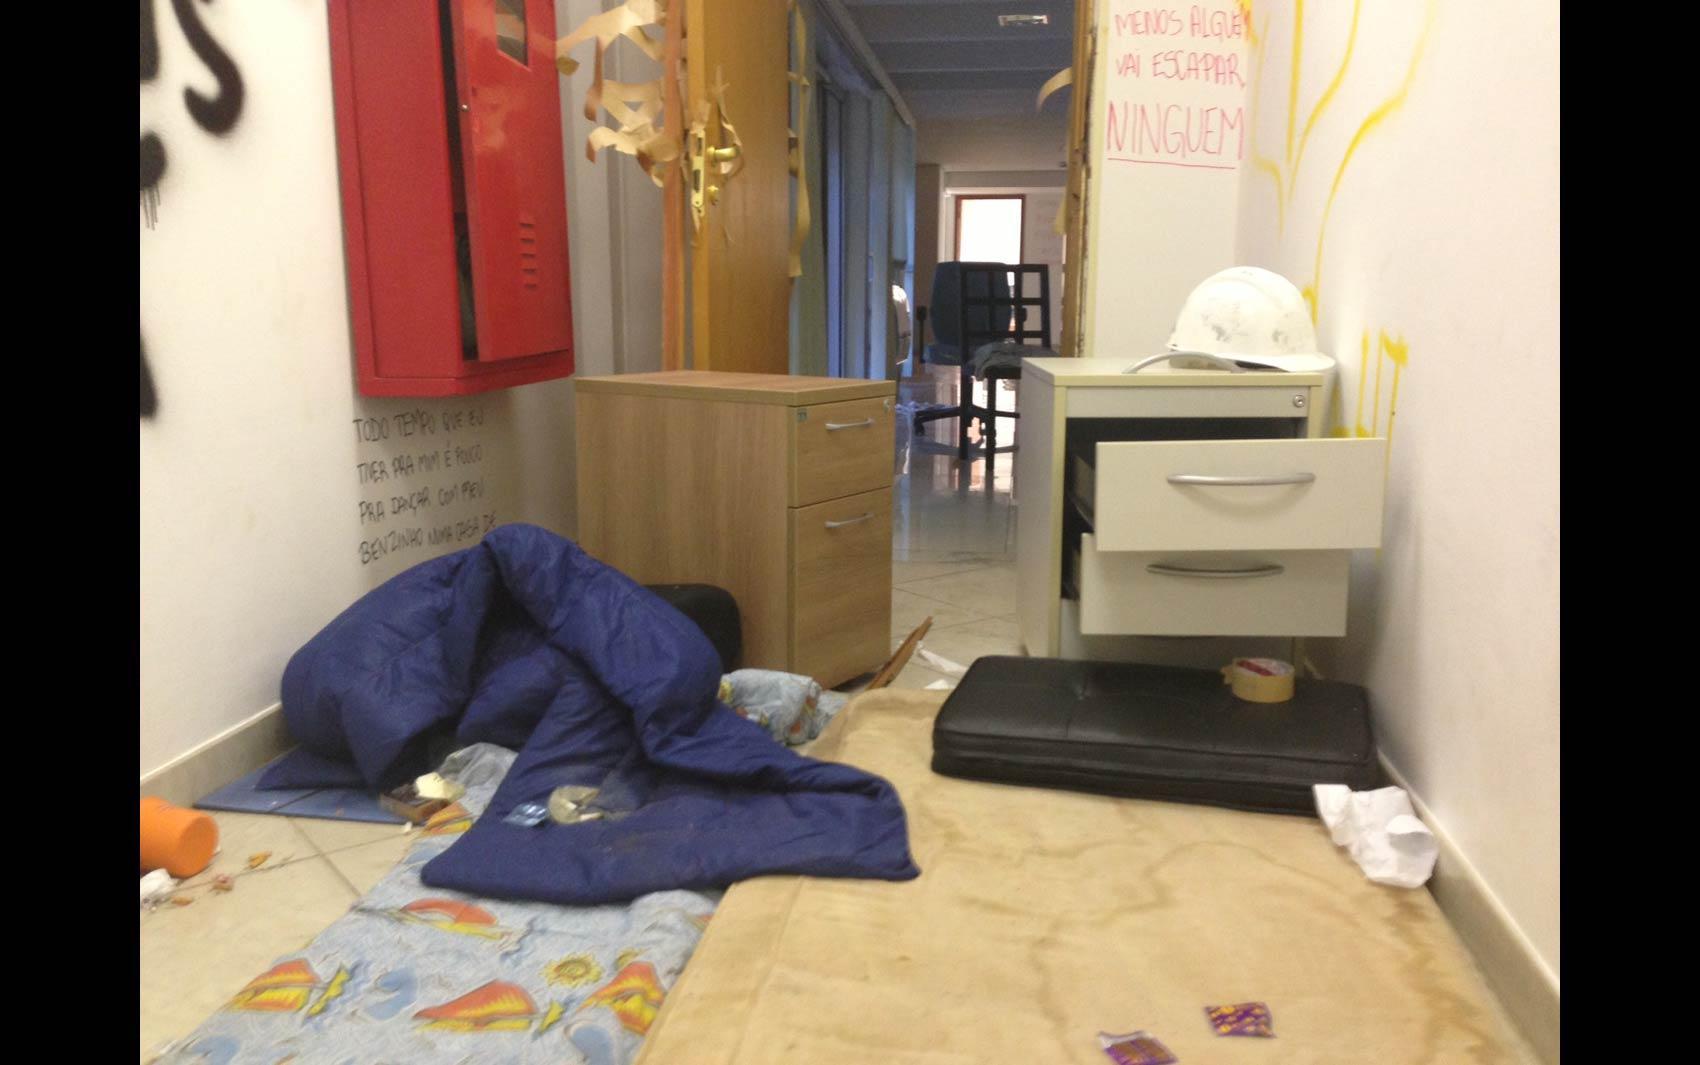 Pacotes de camisinha são vistos sobre colchões e coberta em um quarto da Reitoria que teve paredes pichadas